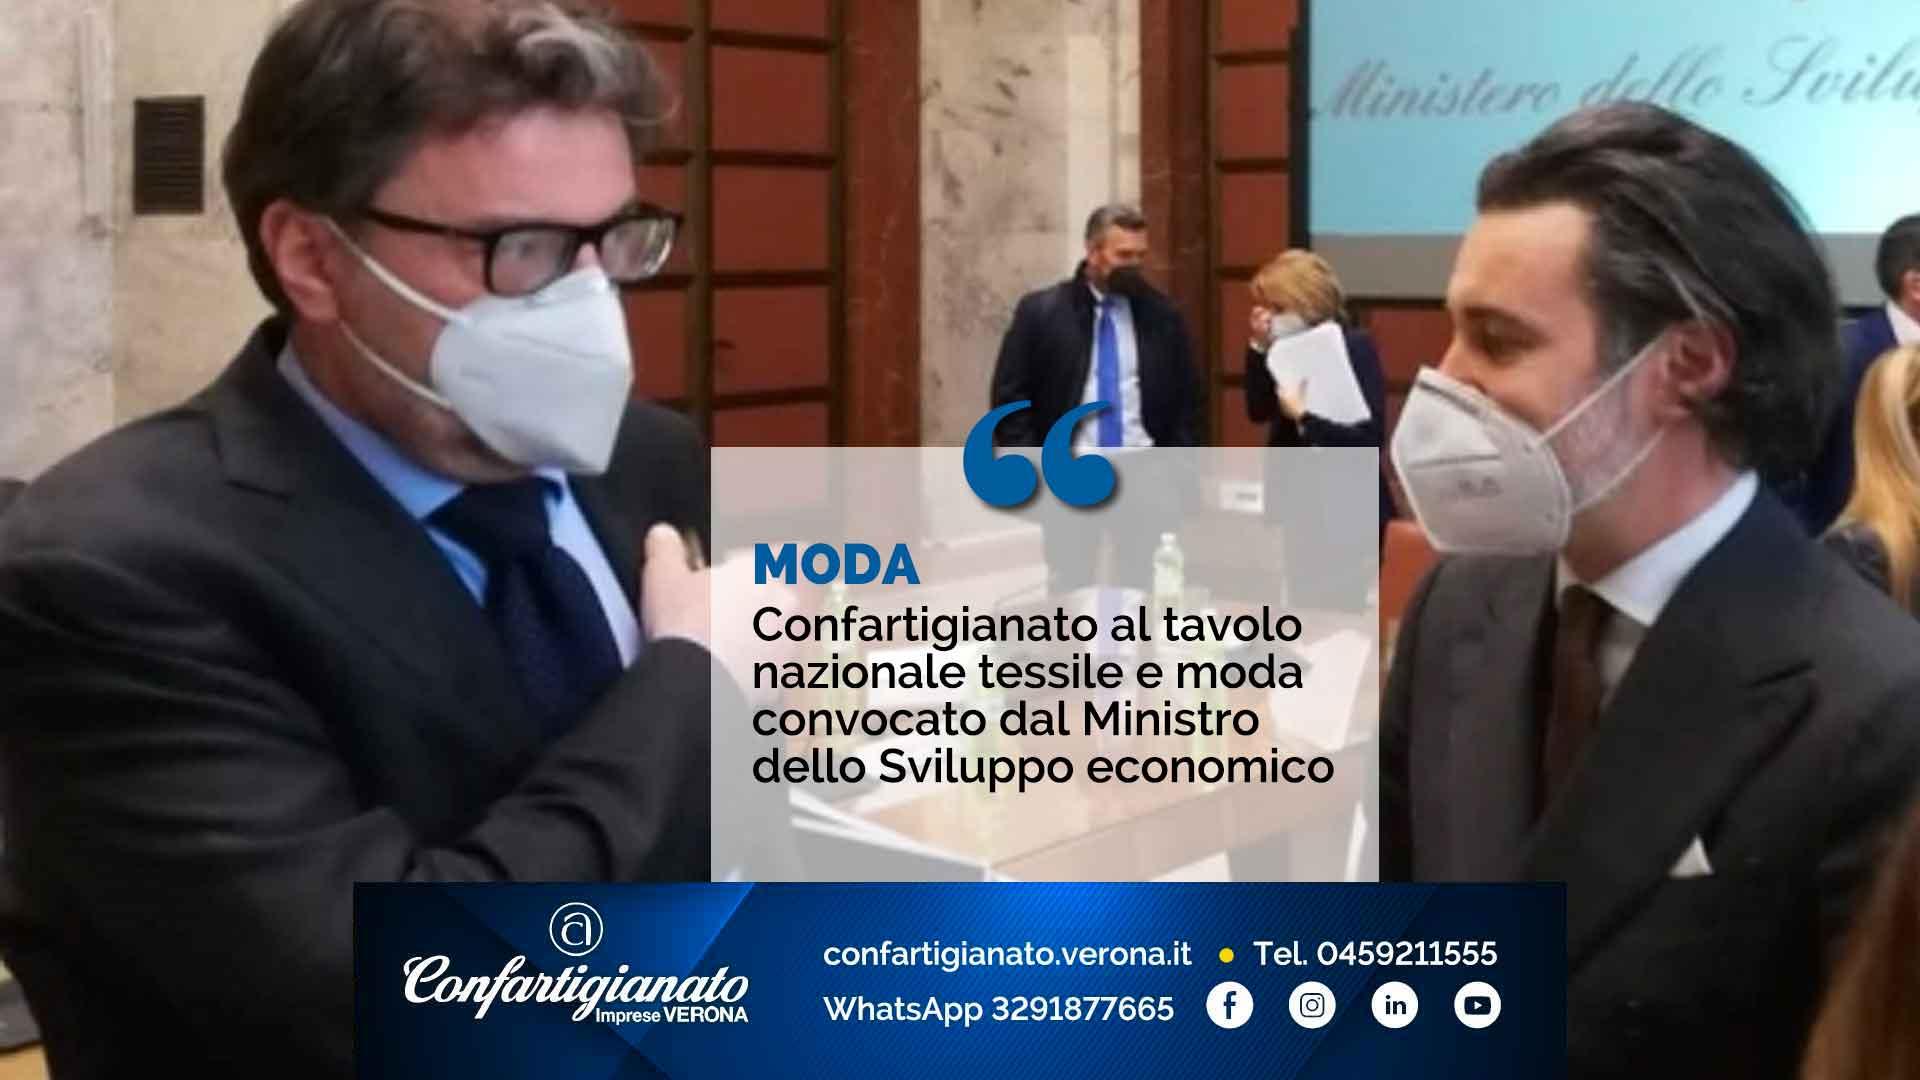 MODA – Confartigianato al tavolo nazionale tessile e moda convocato dal Ministro dello Sviluppo economico